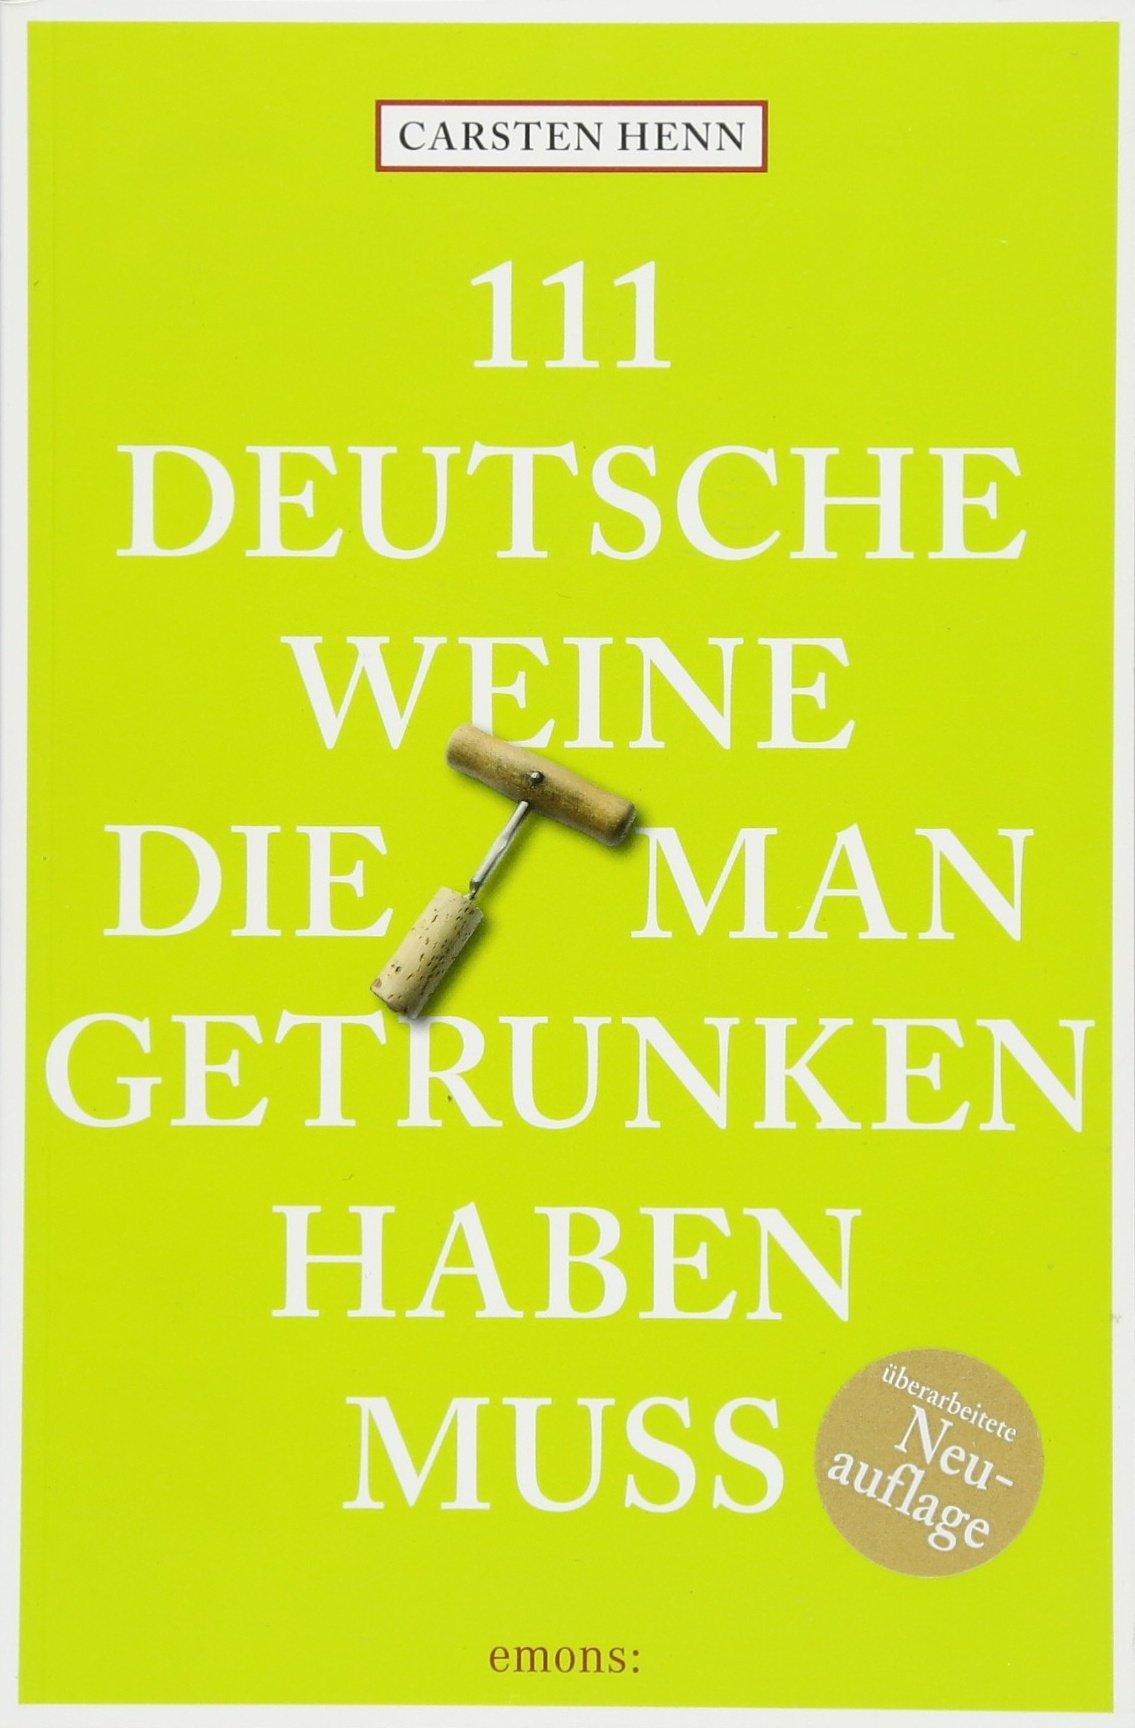 111 Deutsche Weine, die man getrunken haben muss Taschenbuch – 17. März 2016 Carsten Henn Emons Verlag 3954514656 Essen und Trinken / Sonstiges